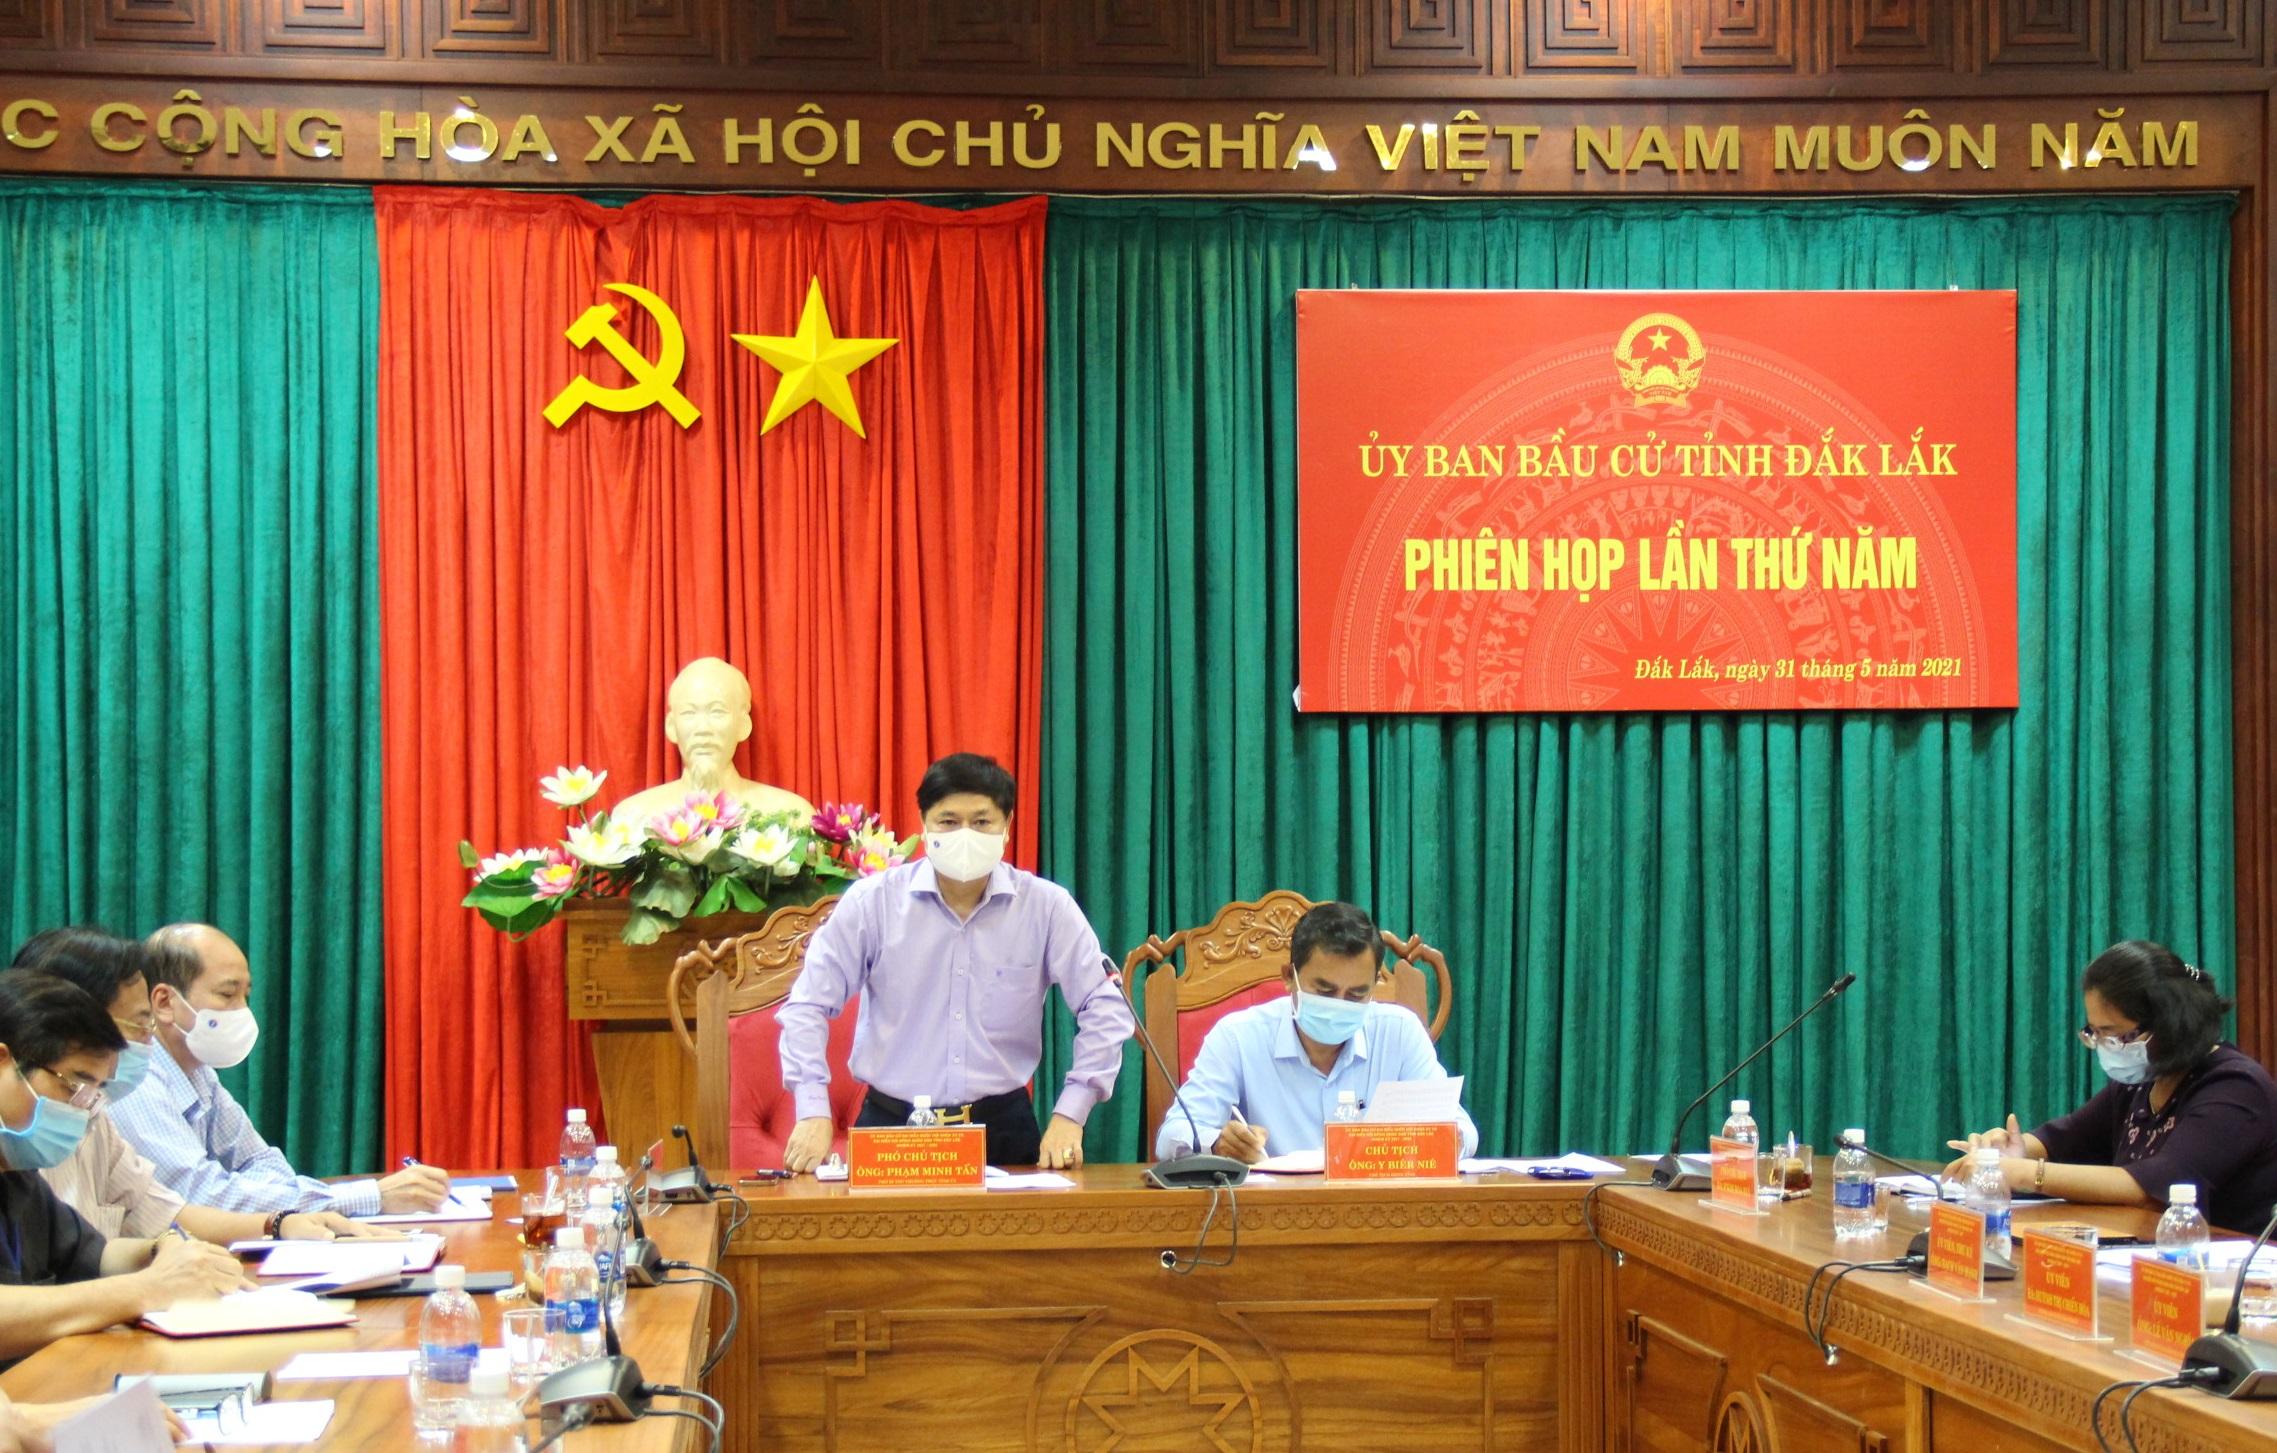 Ủy ban Bầu cử tỉnh Đắk Lắk họp phiên thứ 5